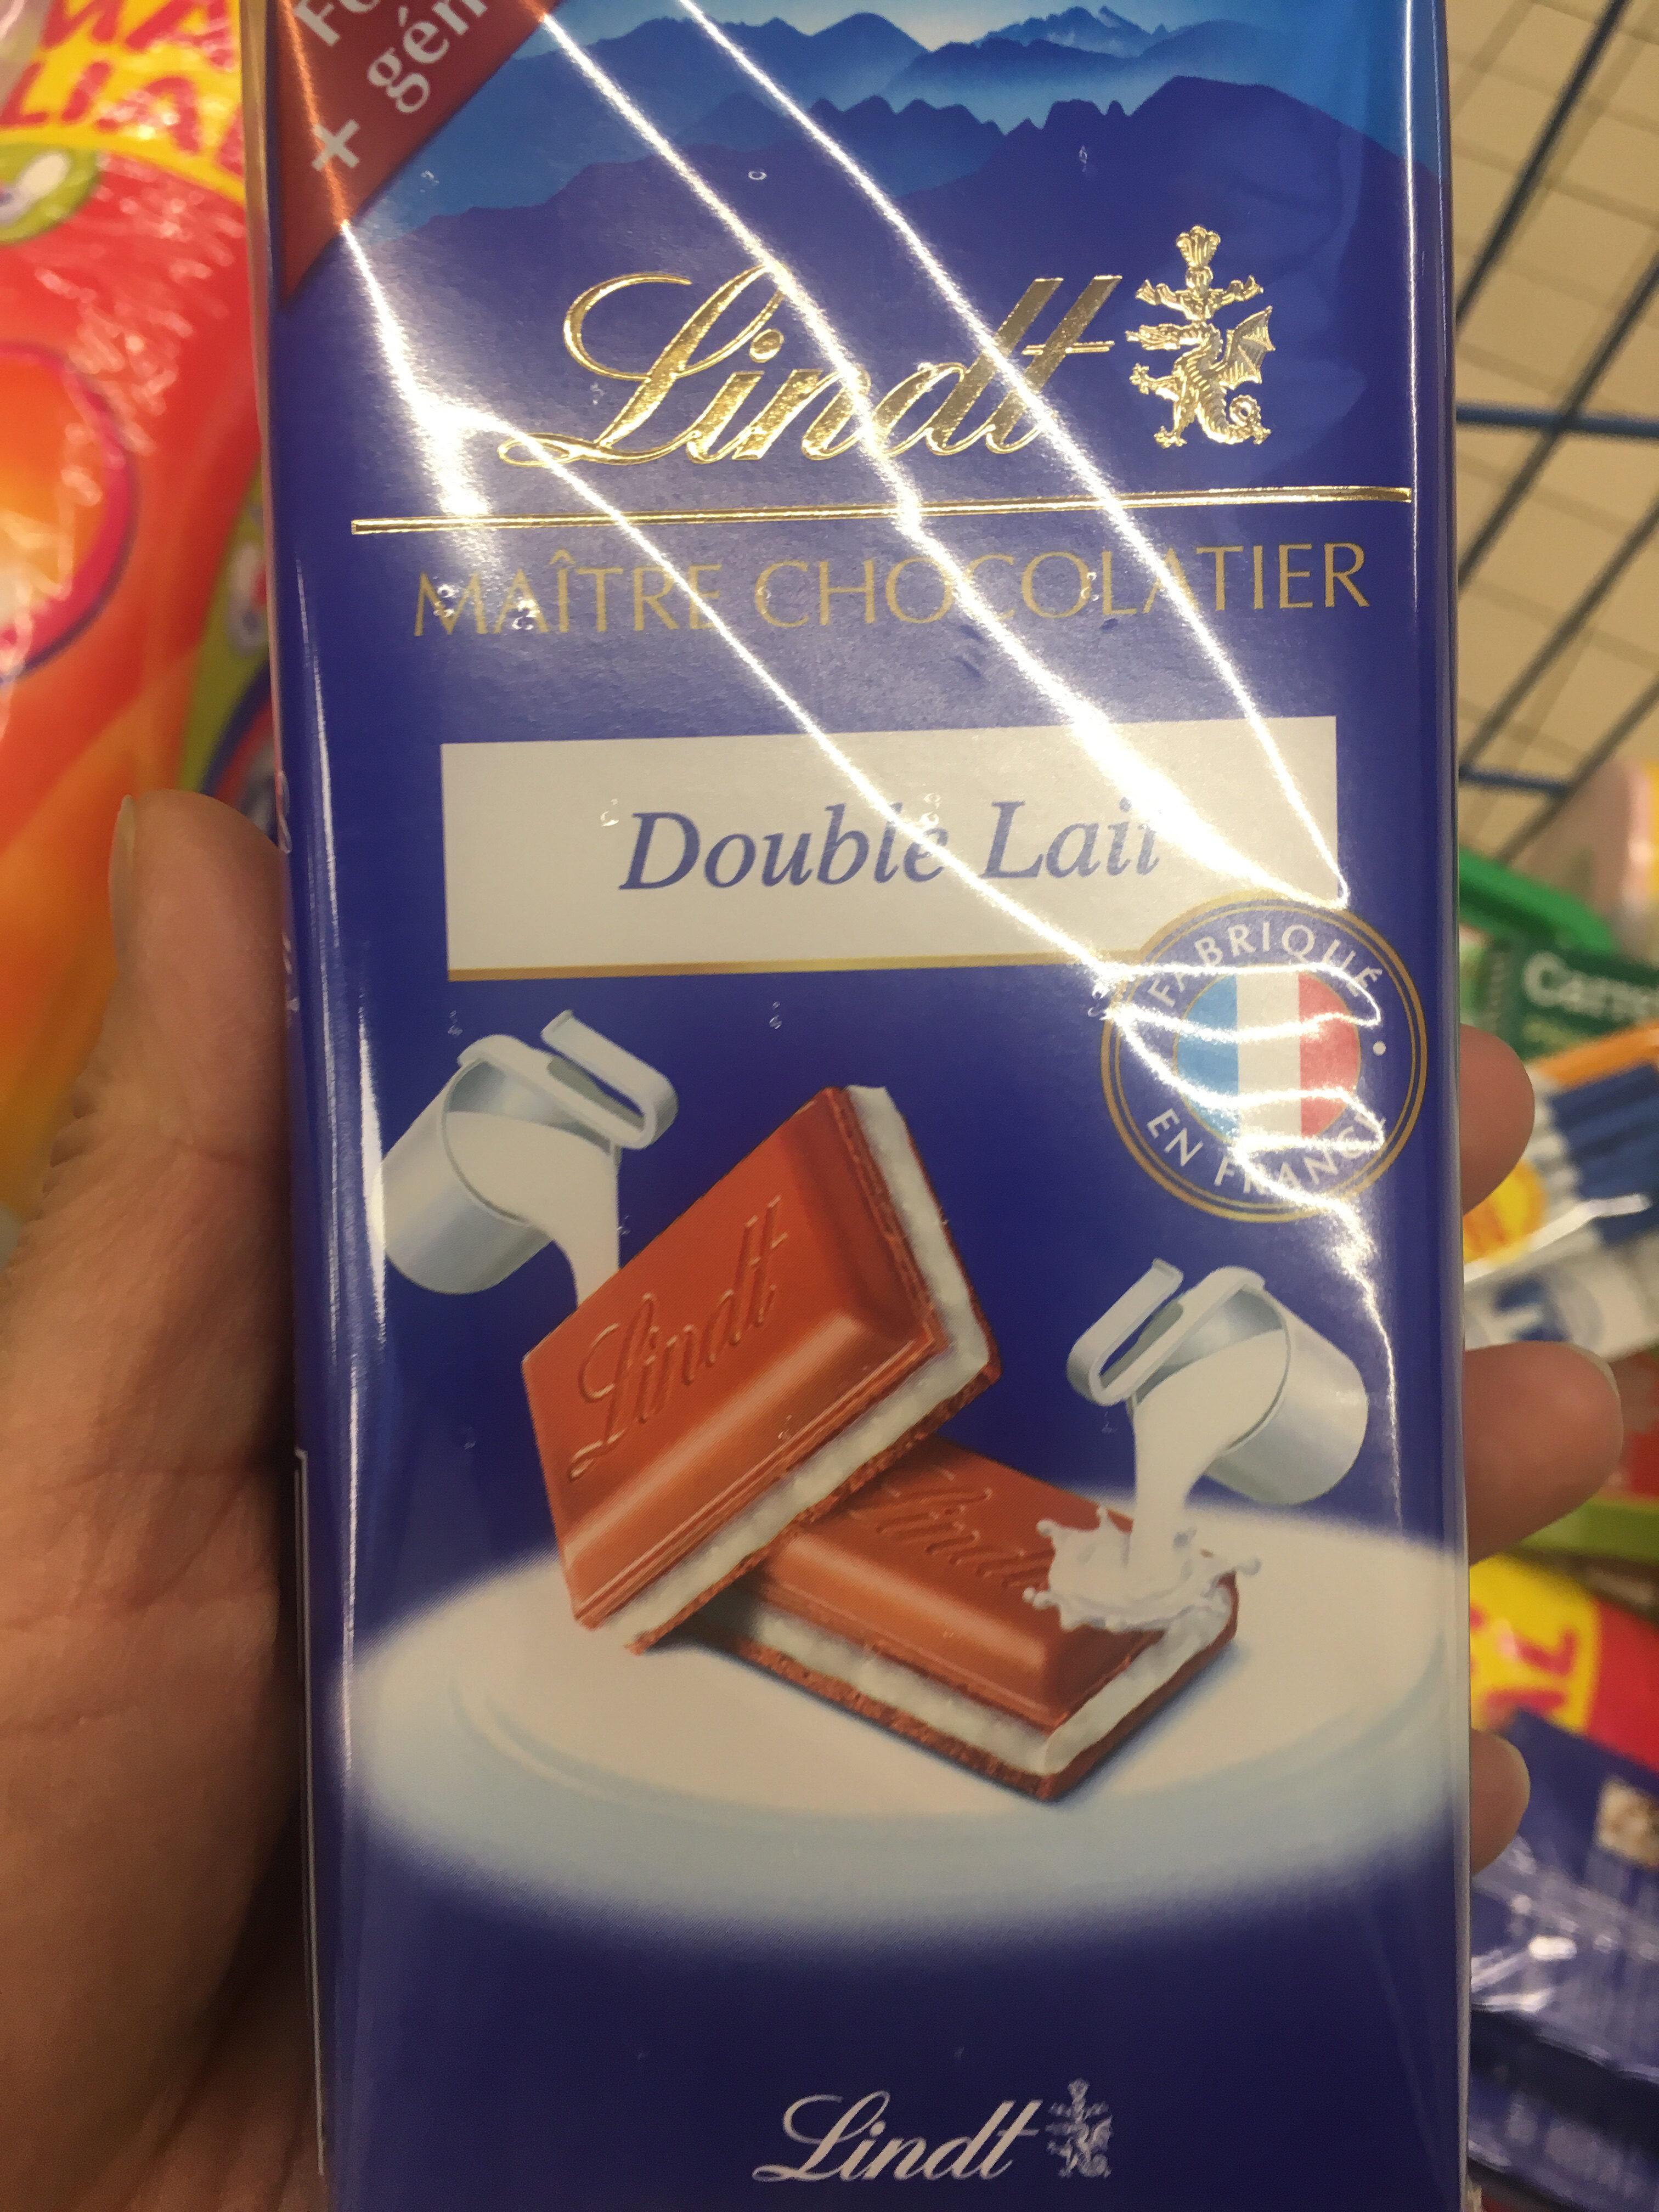 Lindt maître  chocolatier double lait - Product